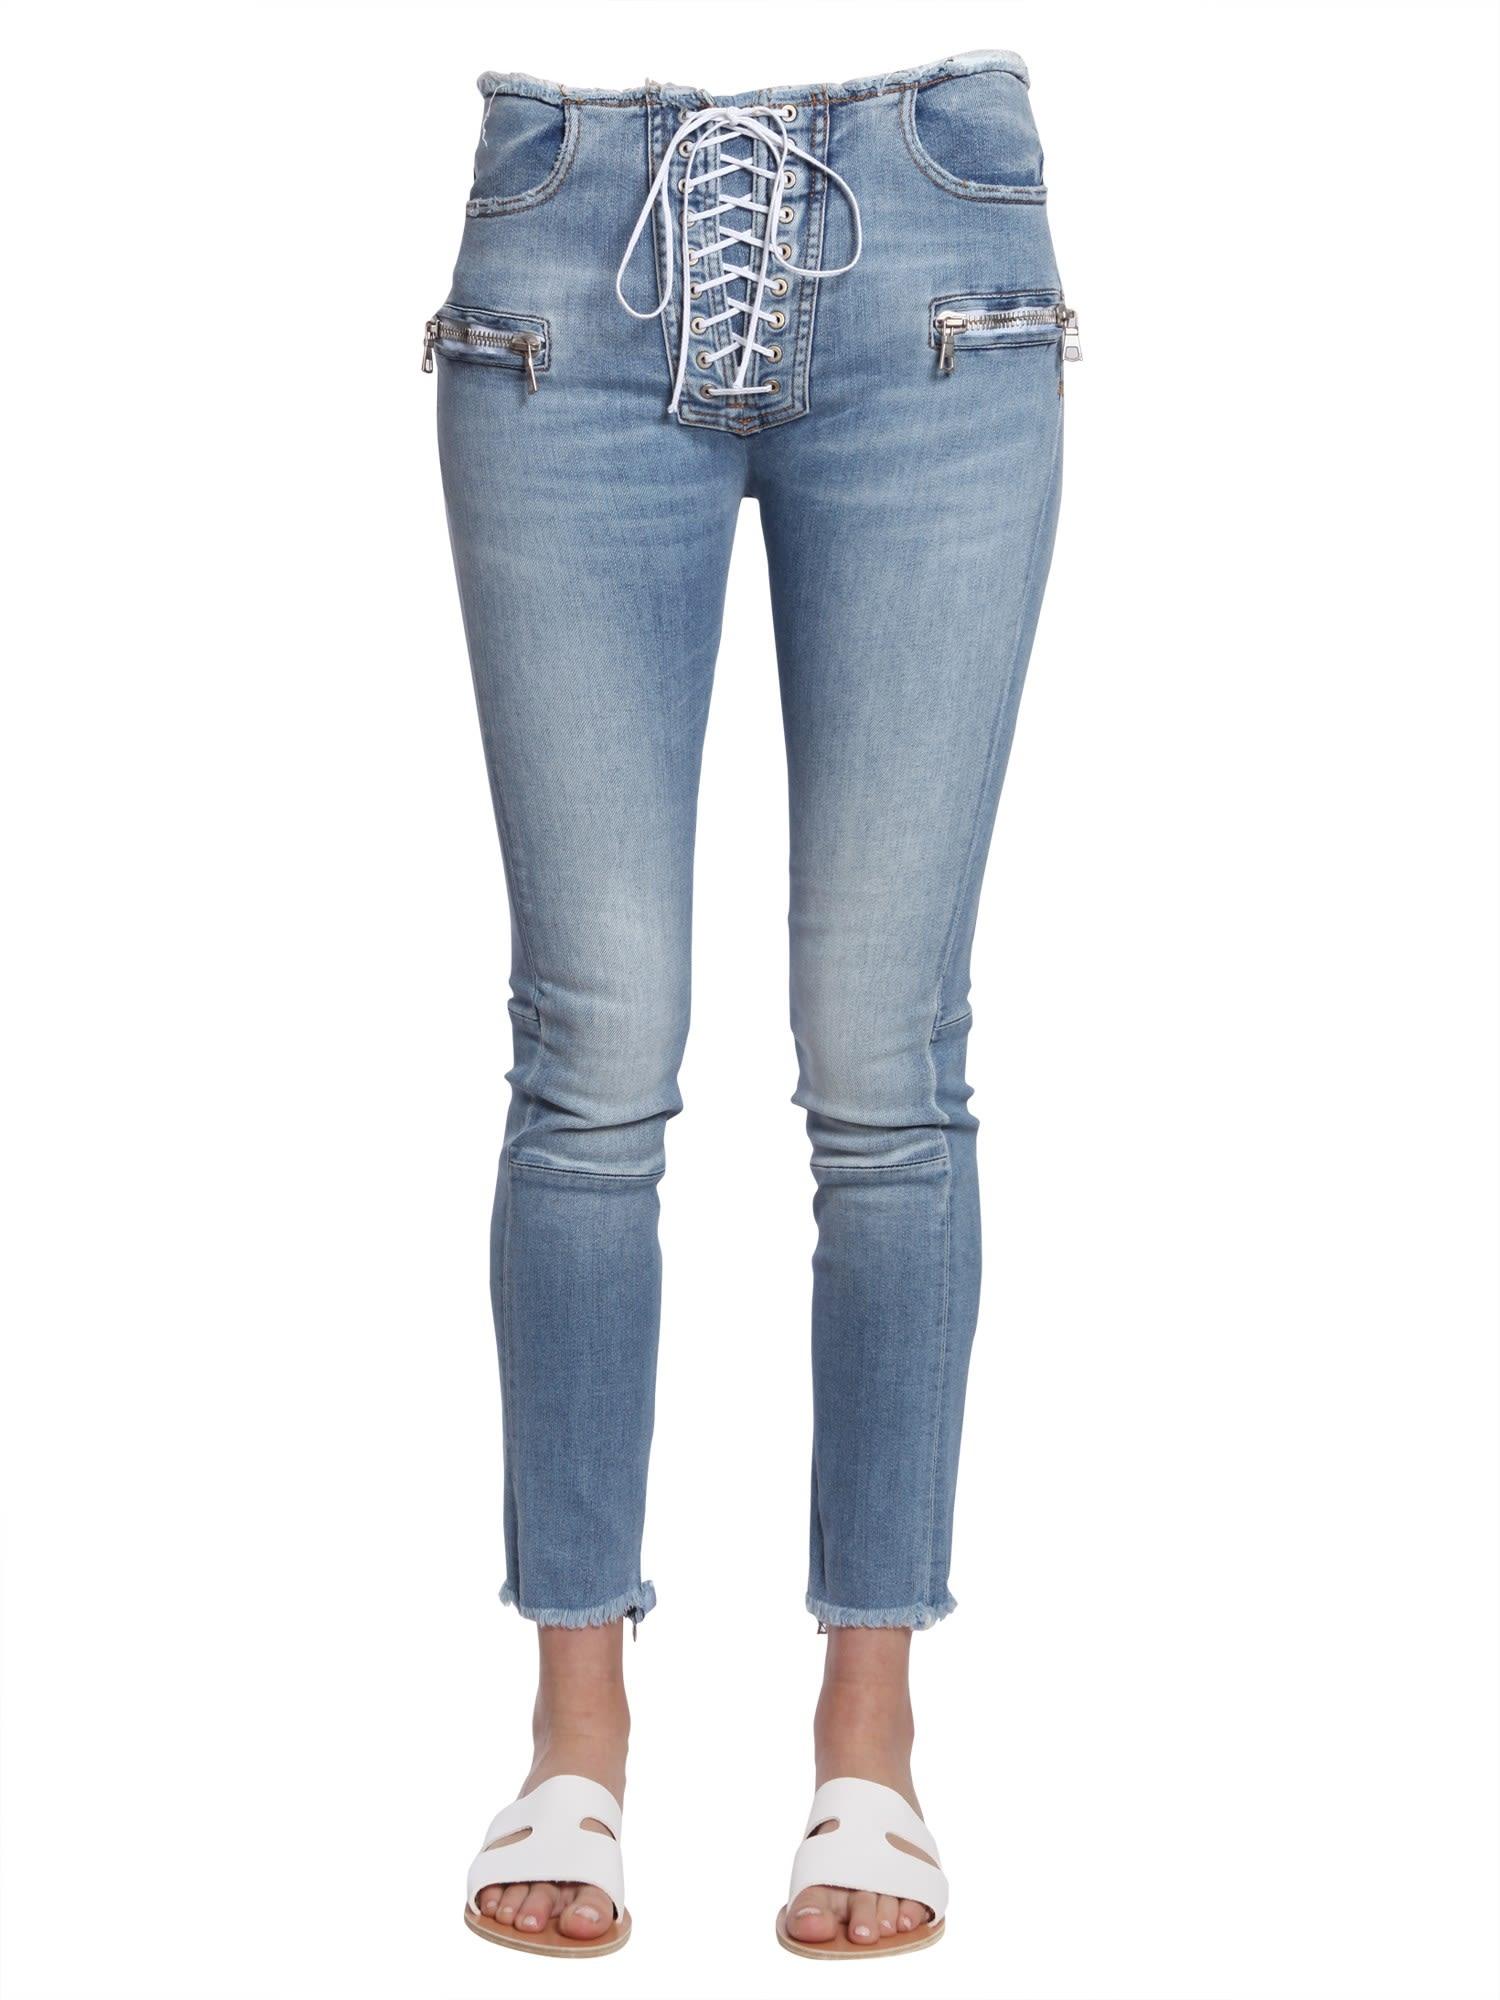 Ben Taverniti Unravel Project Laceup Jeans